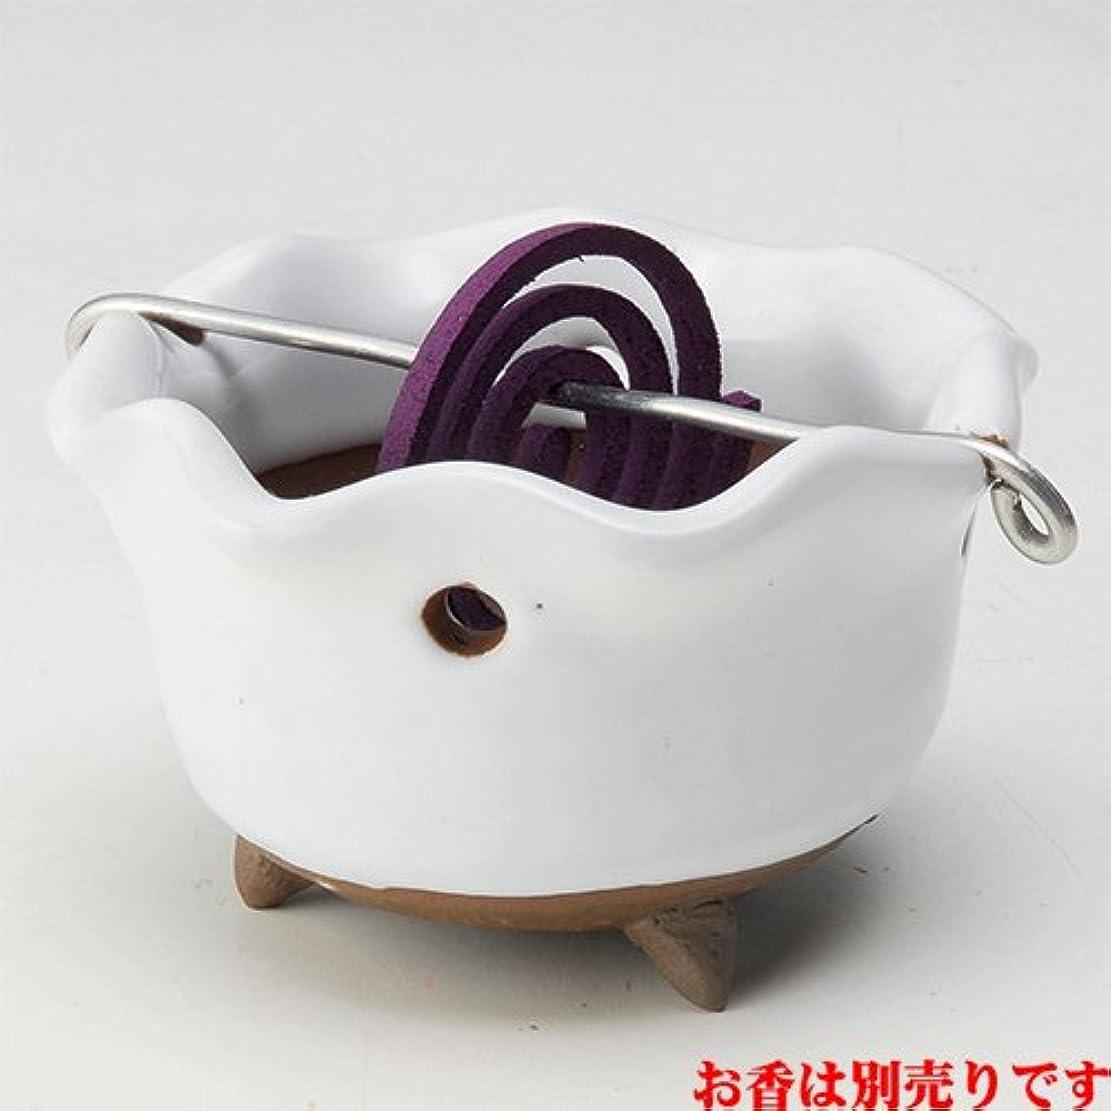 香皿 白志野 花型 香鉢 [R8.5xH5.3cm] HANDMADE プレゼント ギフト 和食器 かわいい インテリア